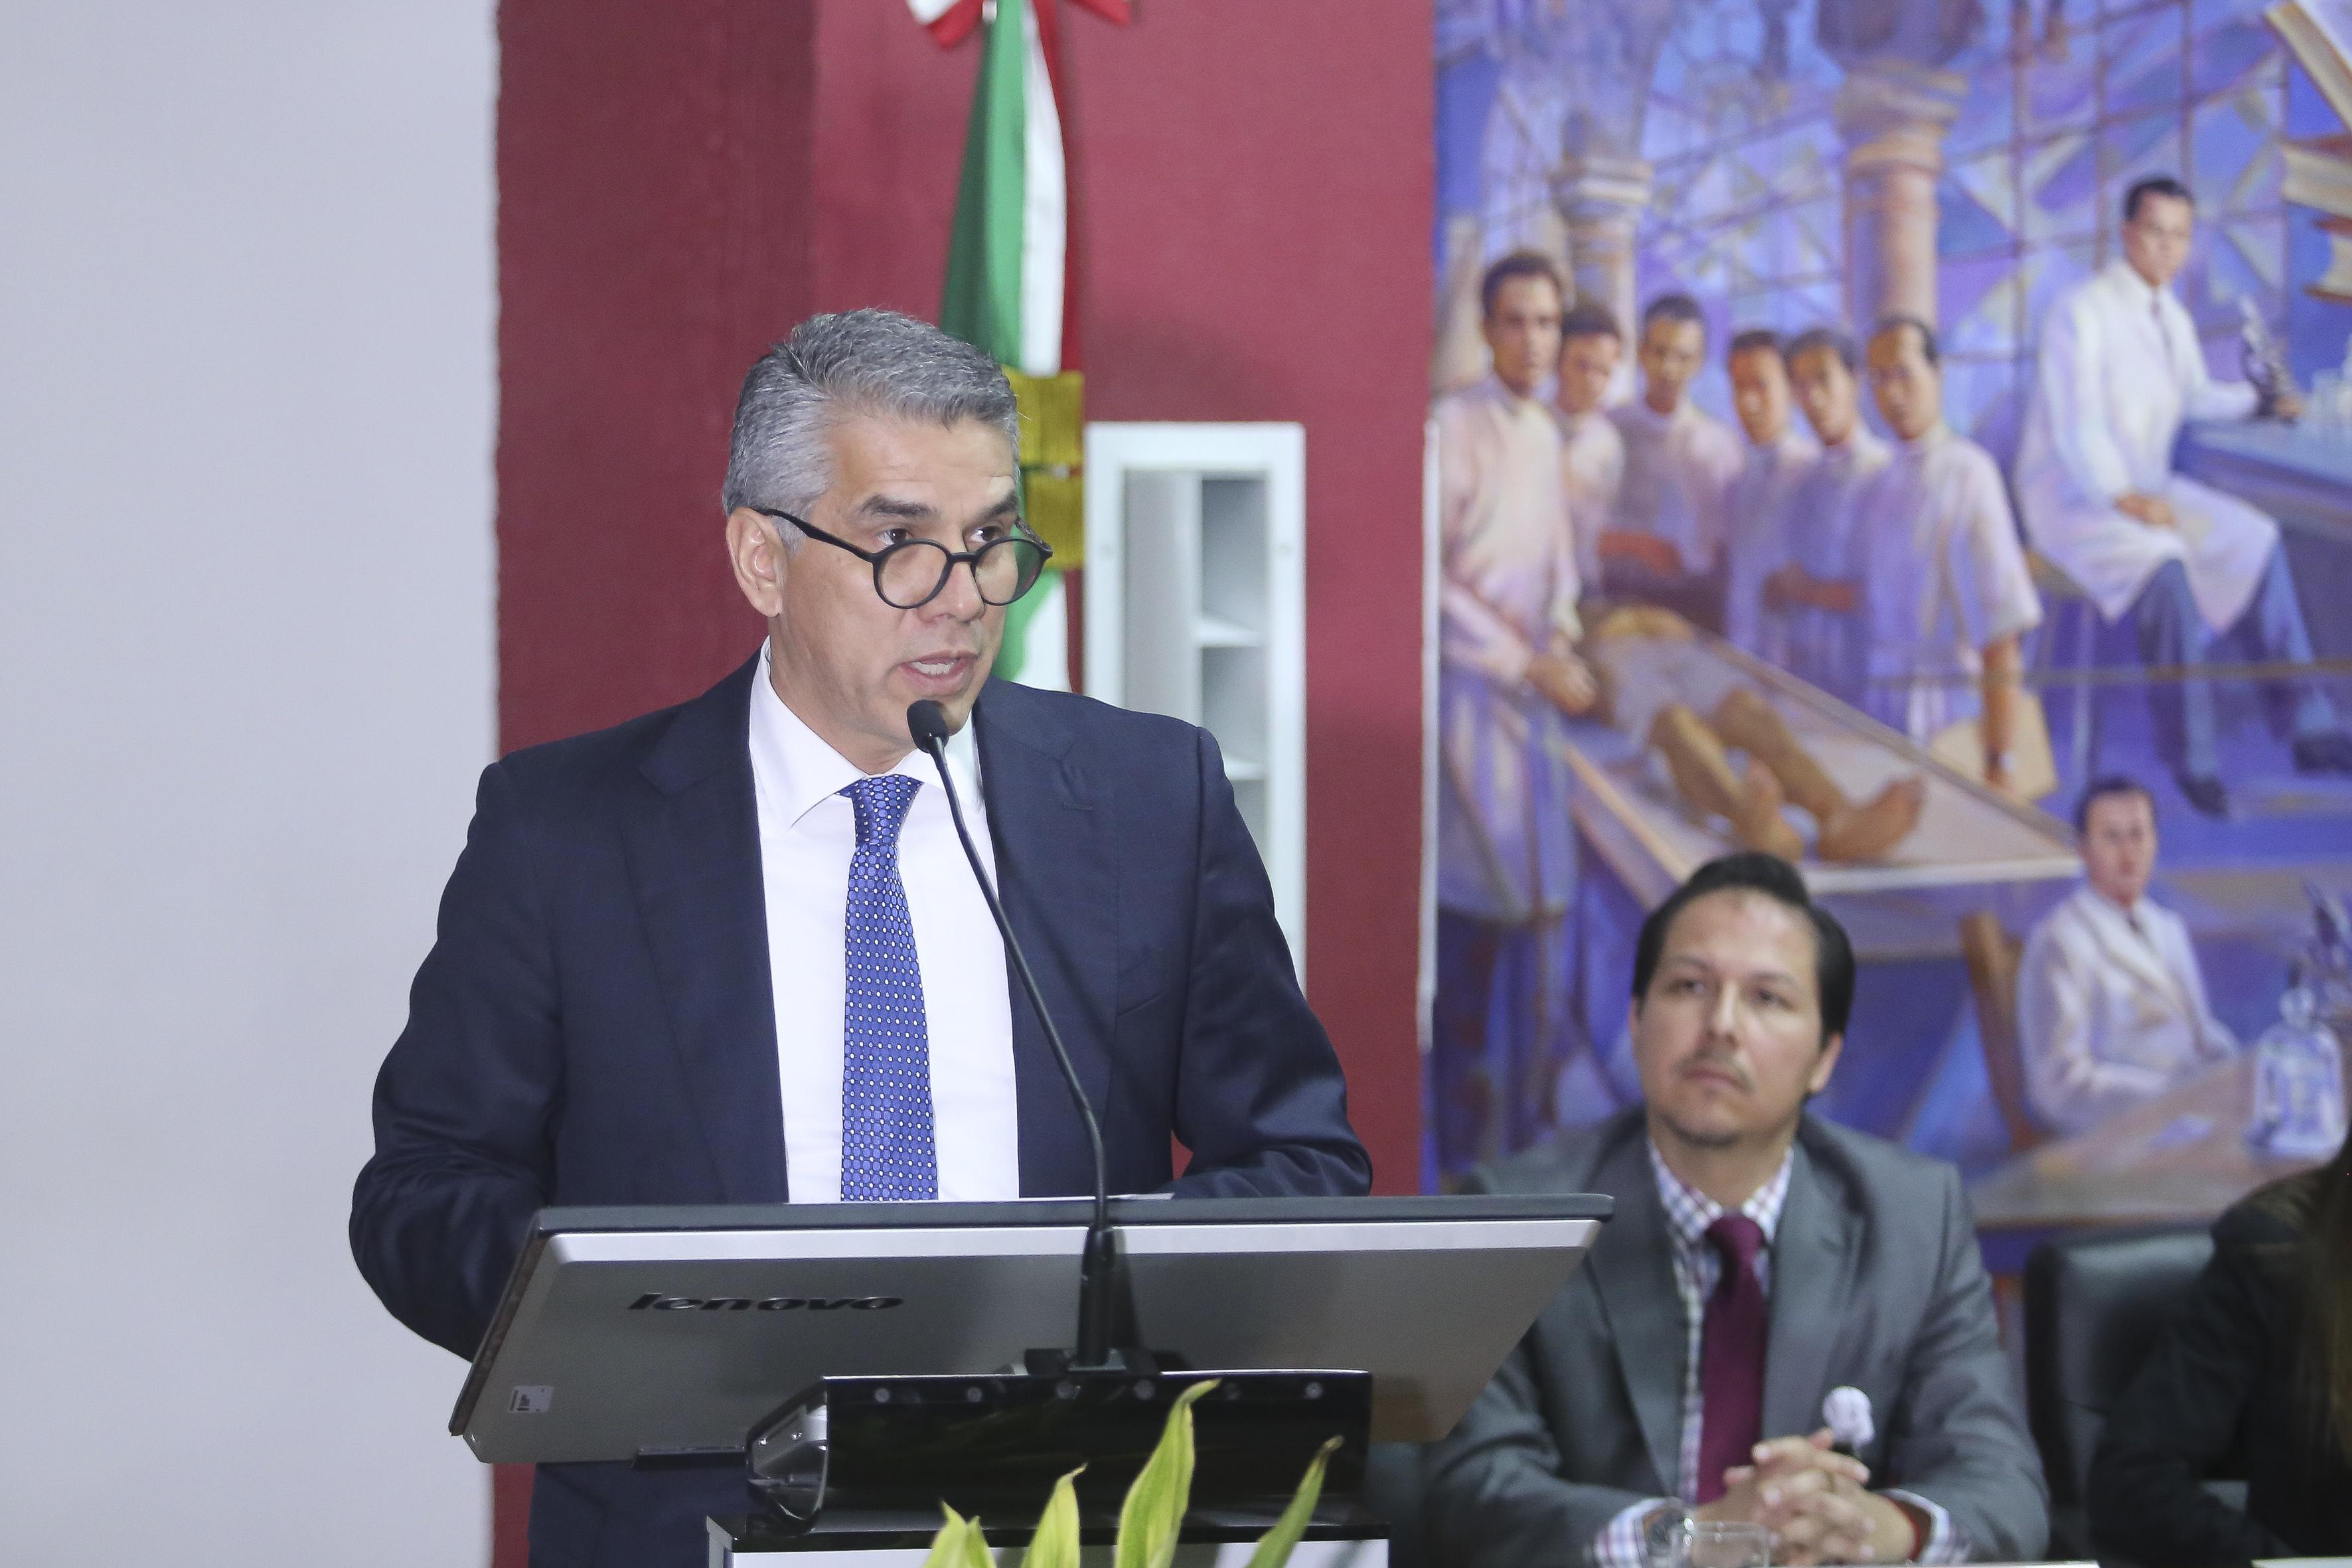 Director del Hospital Civil Fray Antonio Alcalde al micrófono en el podium